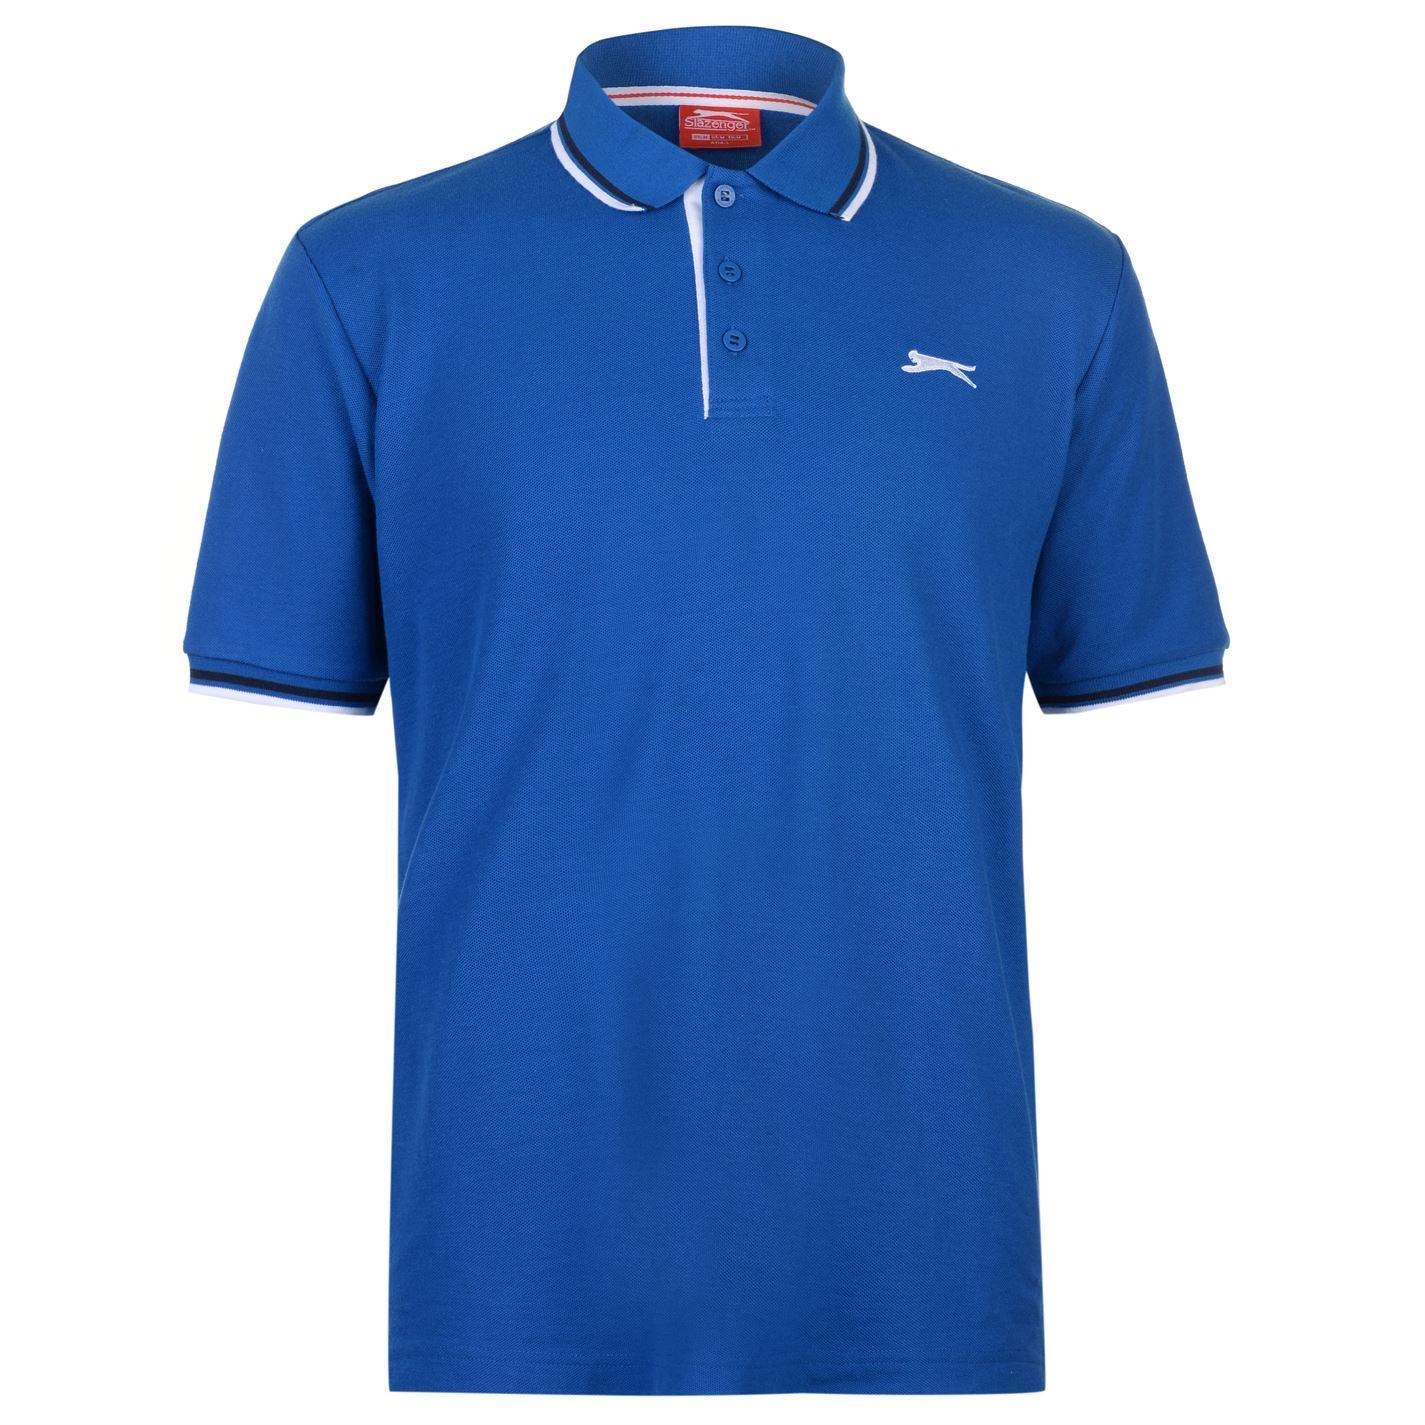 Slazenger-Polo-Camisa-de-hombre-con-cuello-con-Punta-T-Shirt-Top-Camiseta-Tee miniatura 12